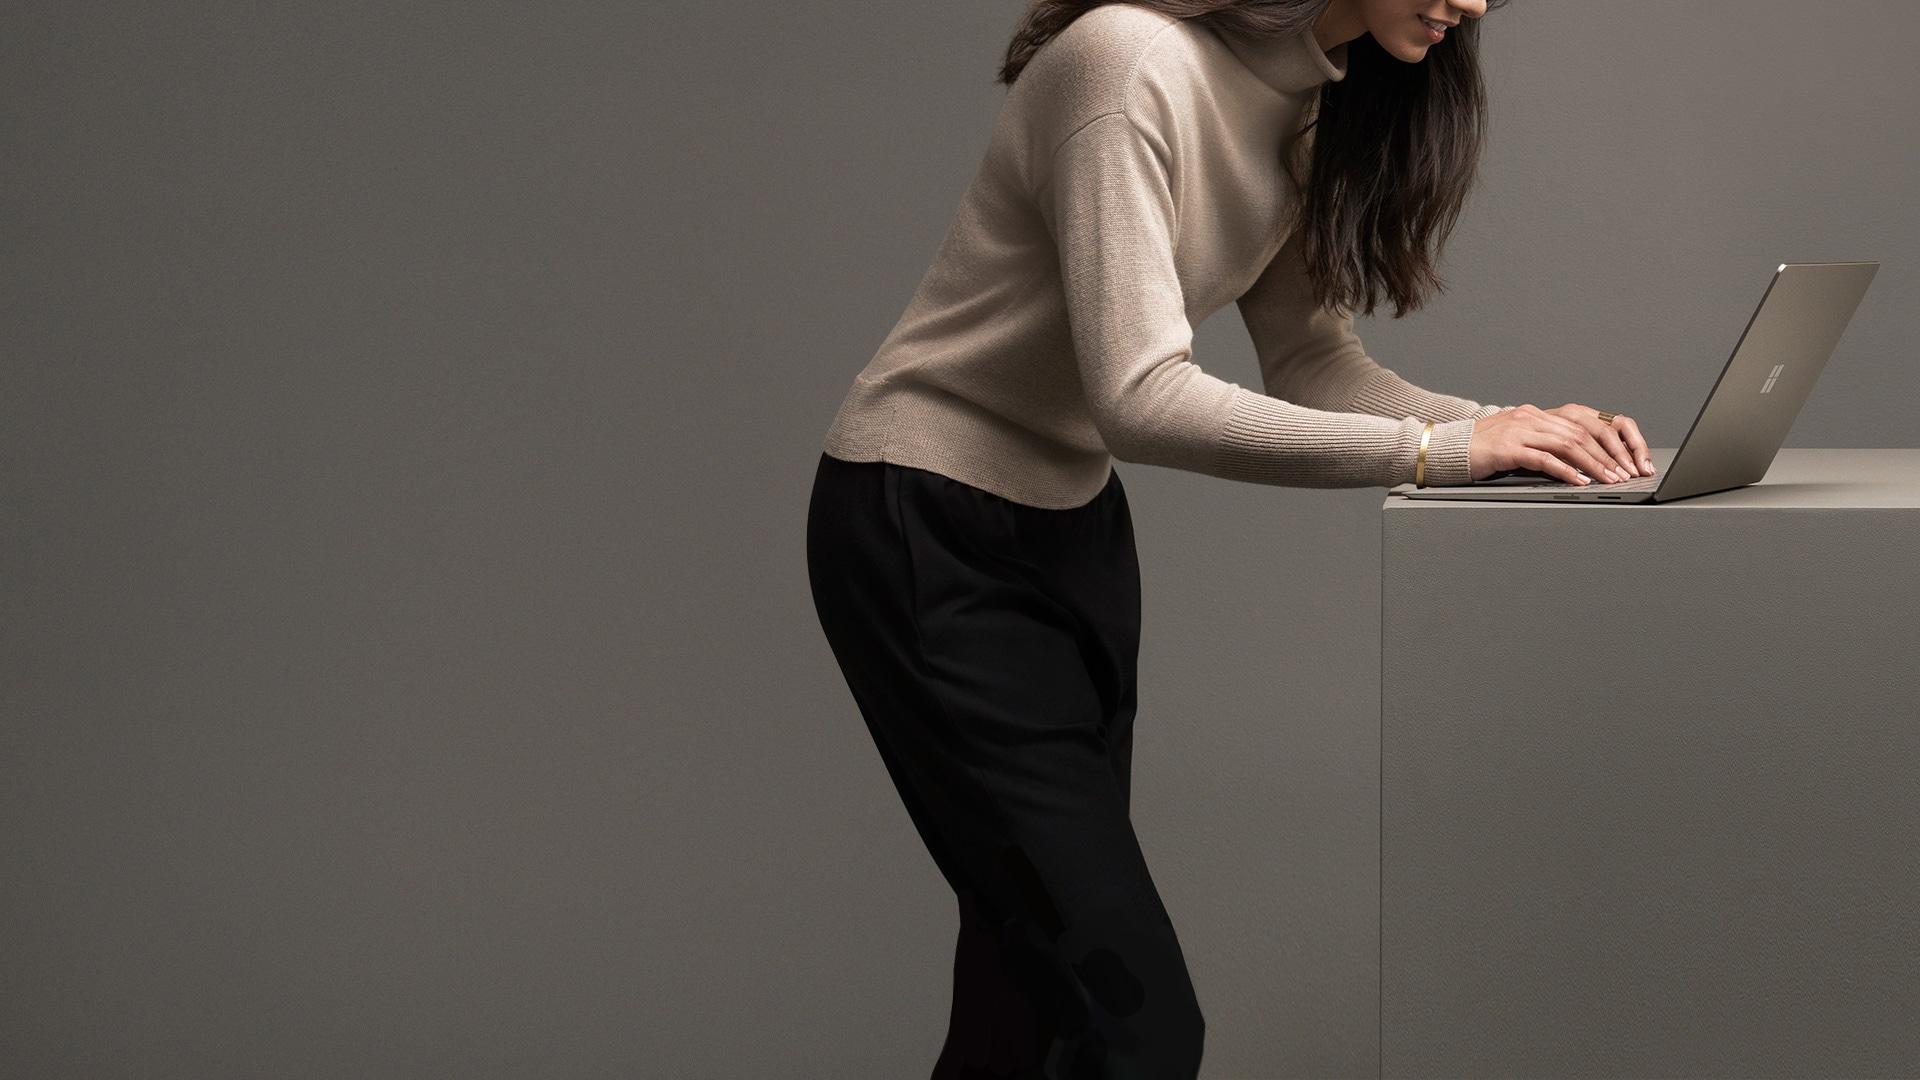 女性が グラファイト ゴールドの Surface Laptop でタイピングをしている様子。